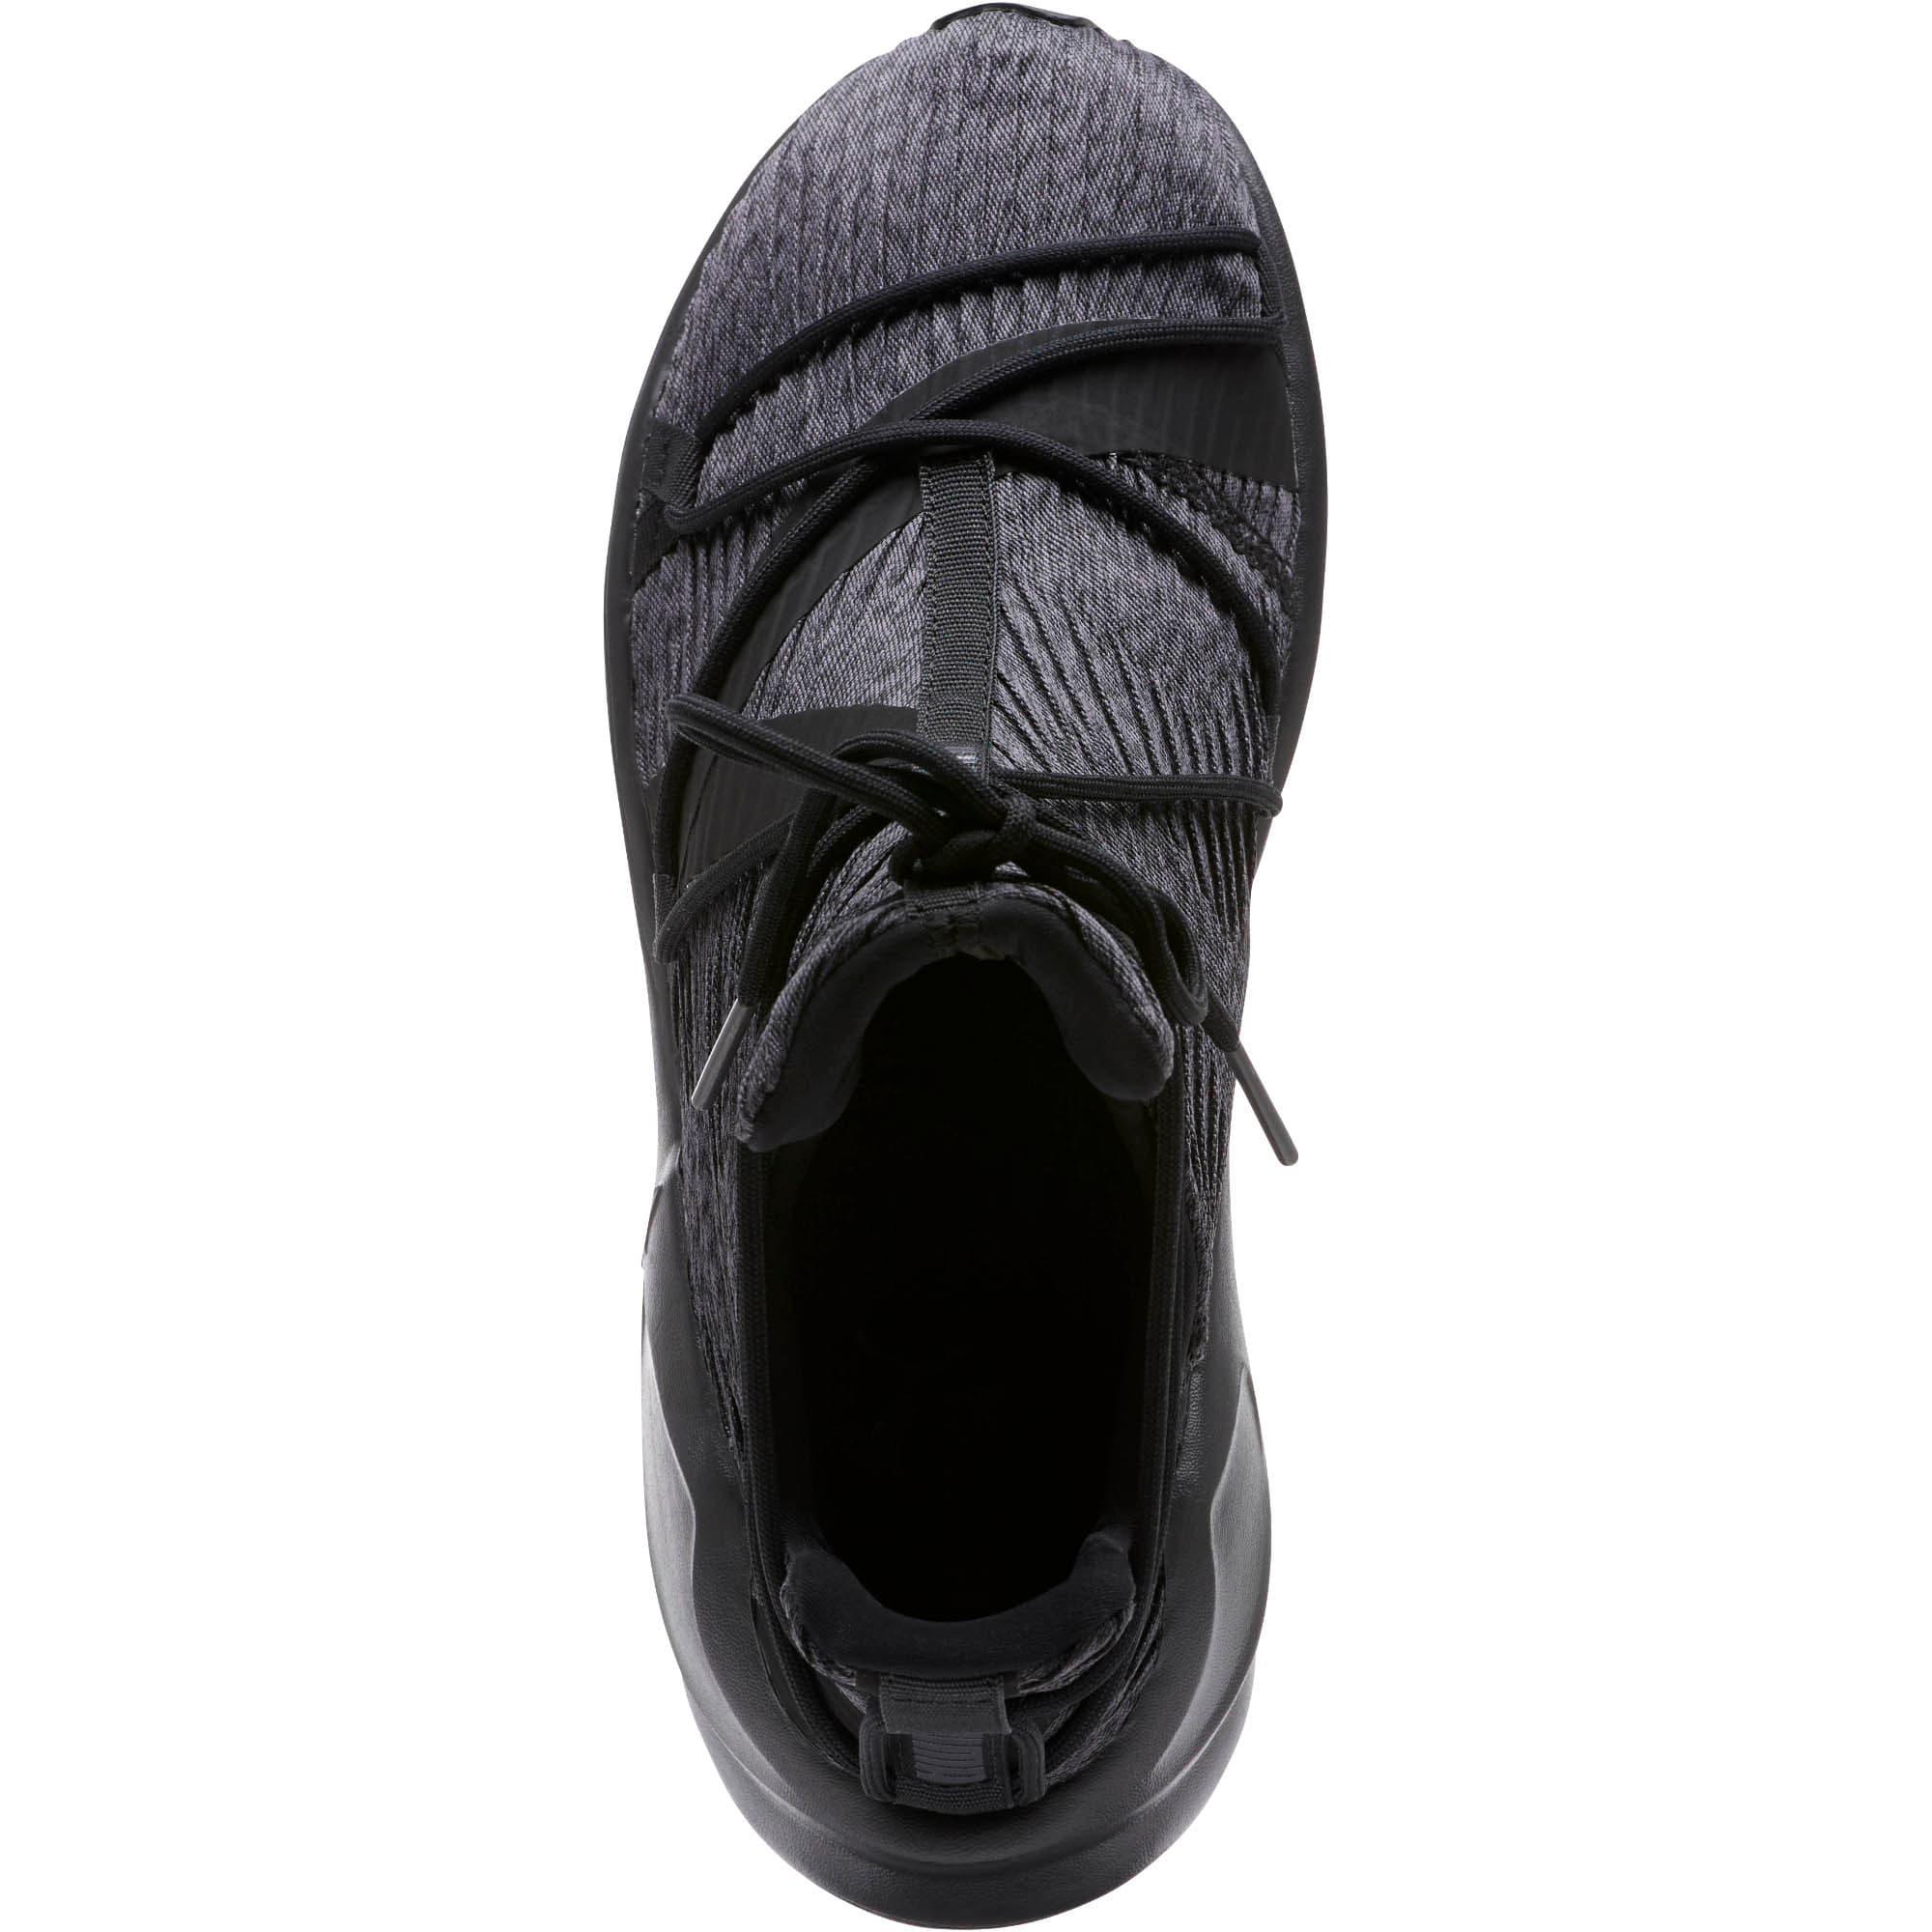 Thumbnail 5 of Fierce Rope Pleats Women's Sneakers, Puma Black-Puma Black, medium